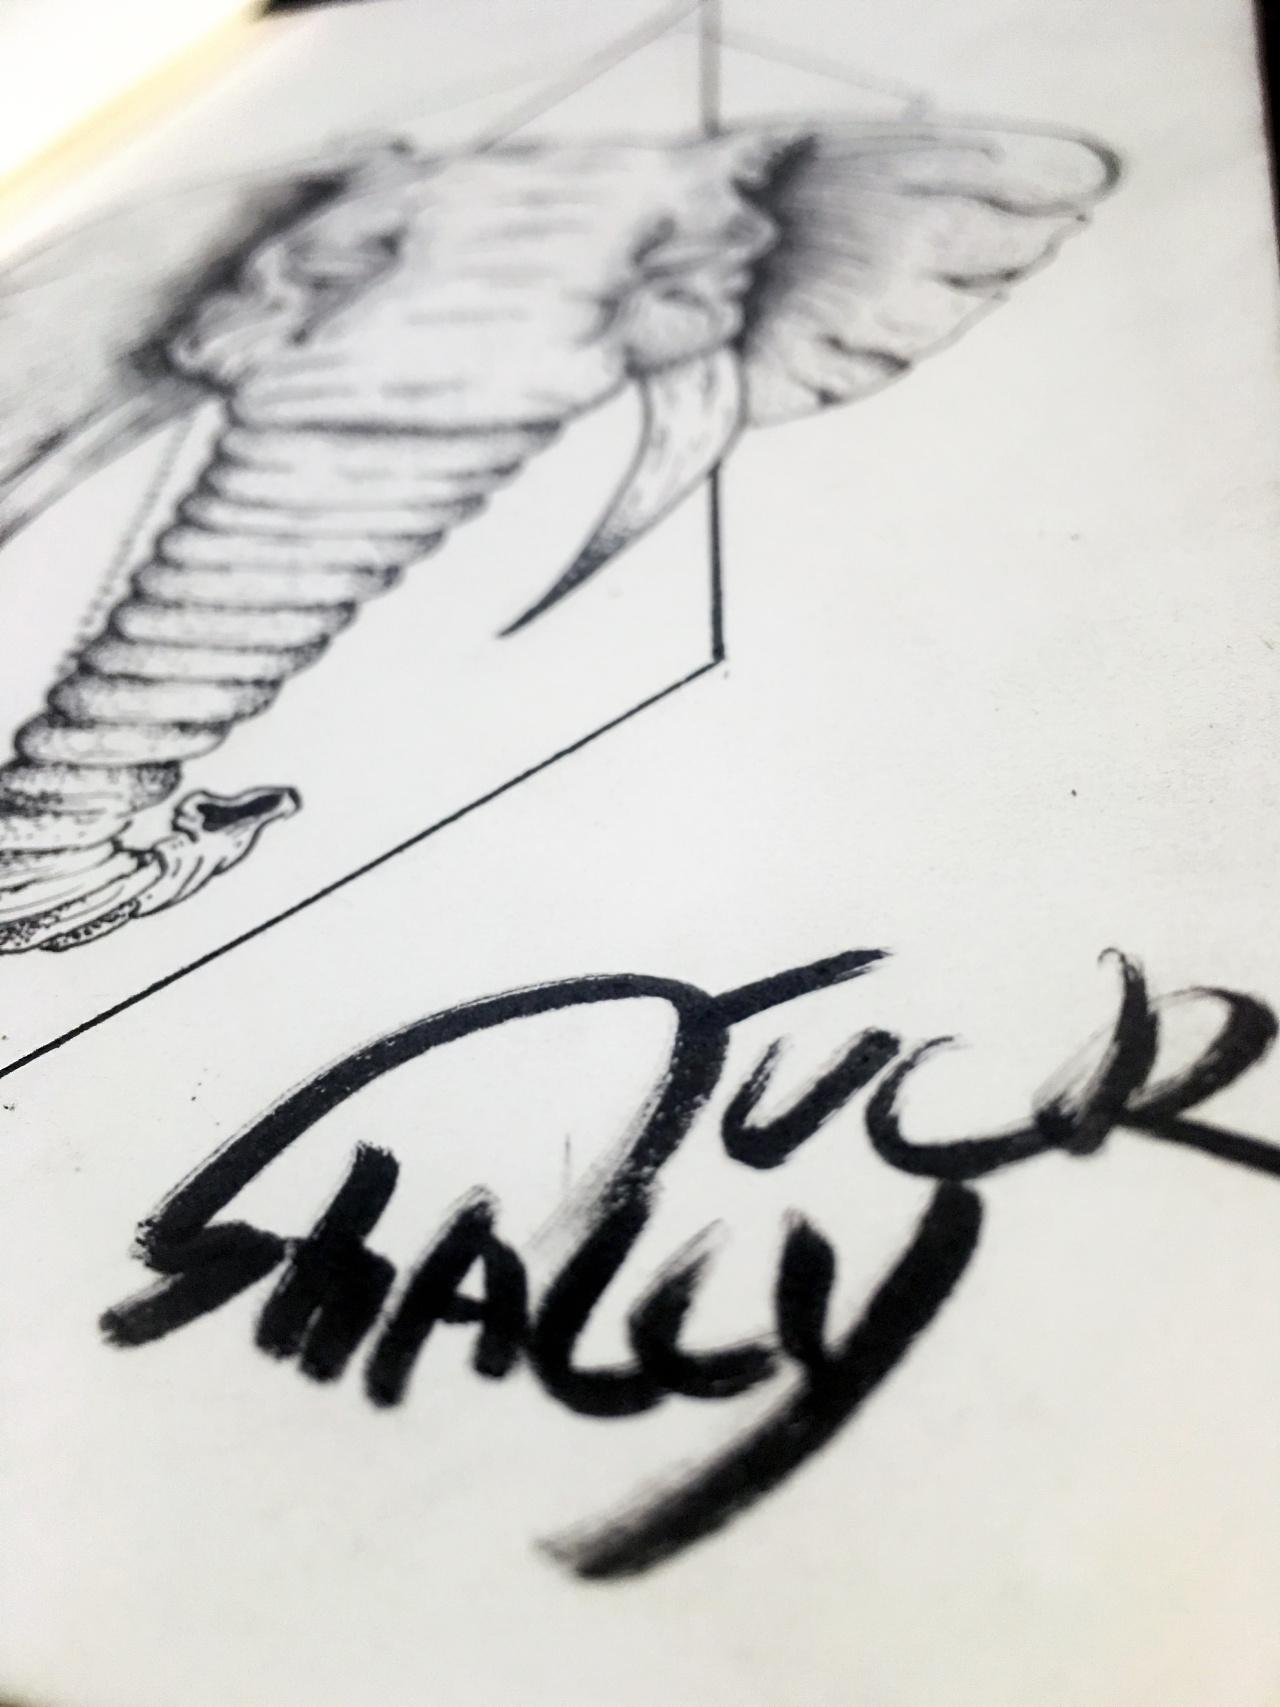 手稿插画纹身日常练习